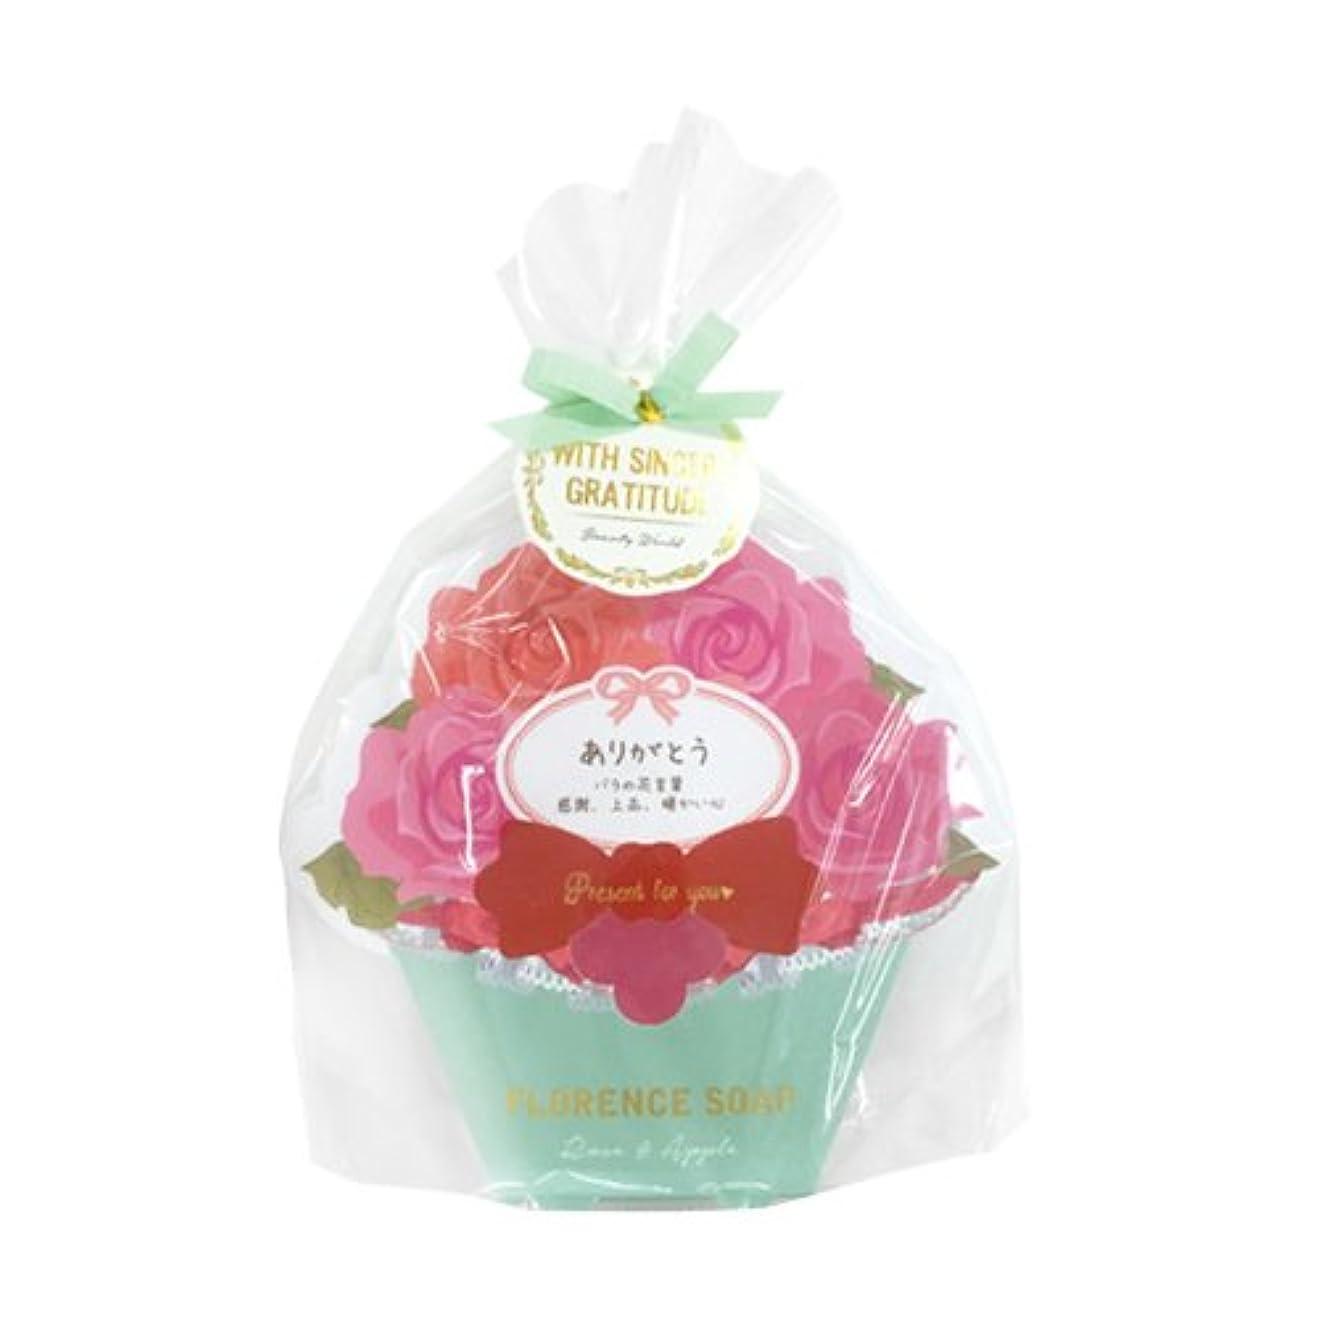 見捨てられた厚さするBW フローレンスの香り石けん 花束パッケージ FSP381 ローズ&アップル (240g)